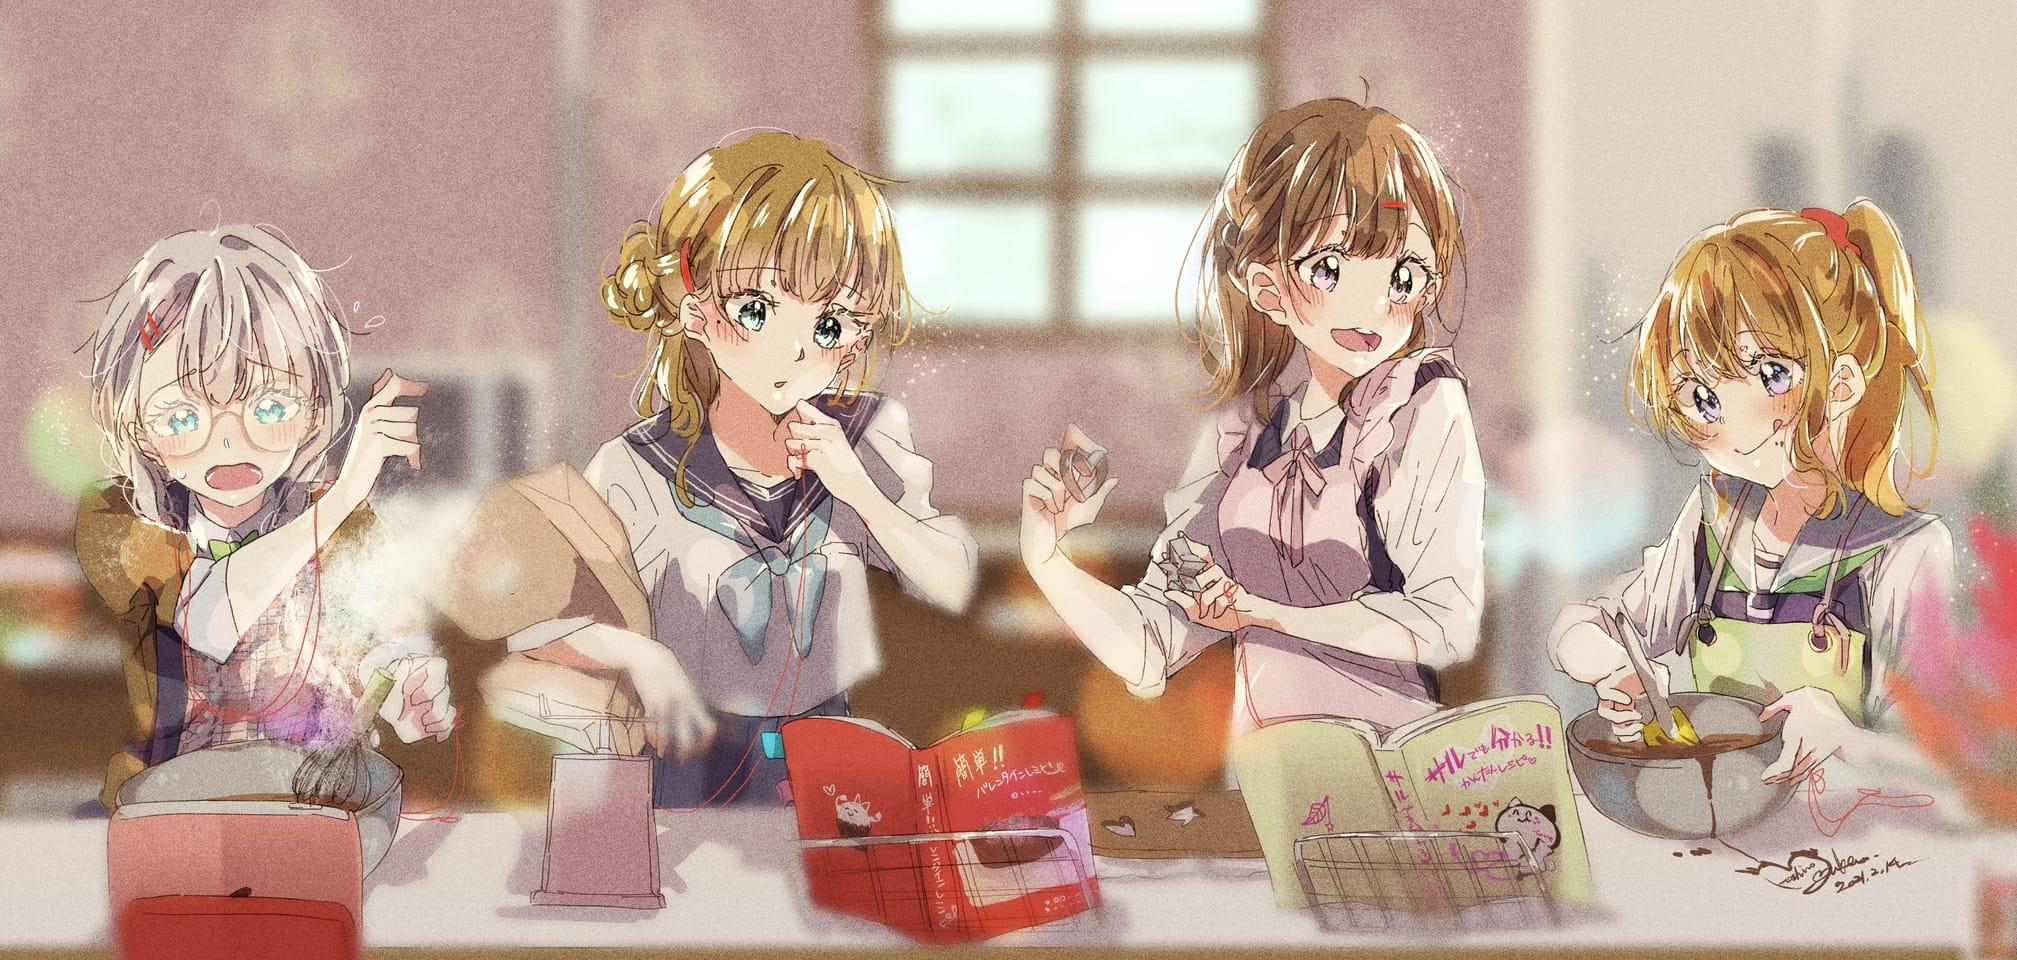 想いを込めて Illust of 星野 ゆか@再浮上 uniform girl きらきら red glasses みつあみ Valentine original